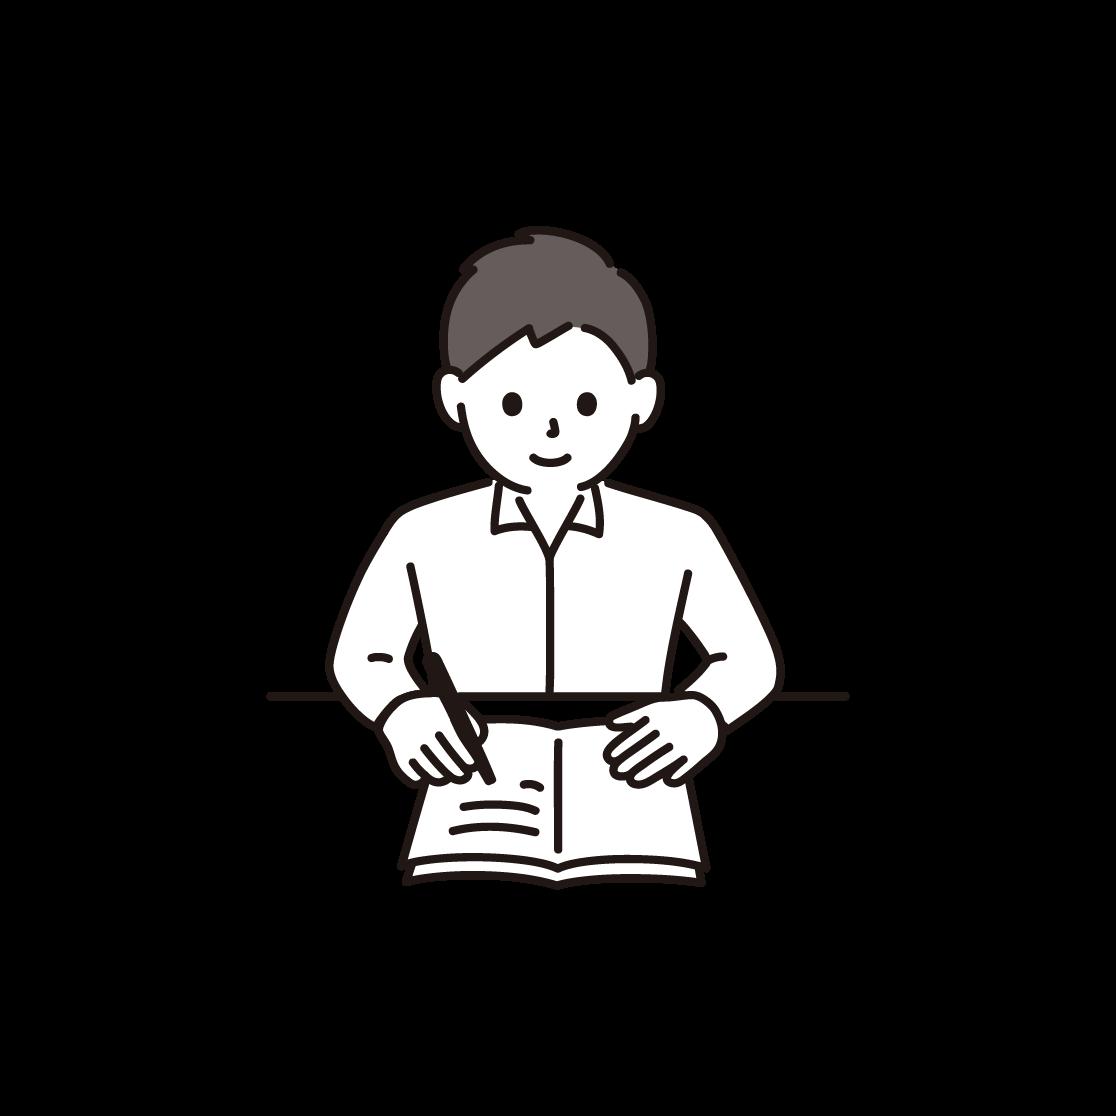 勉強をする男性のイラスト